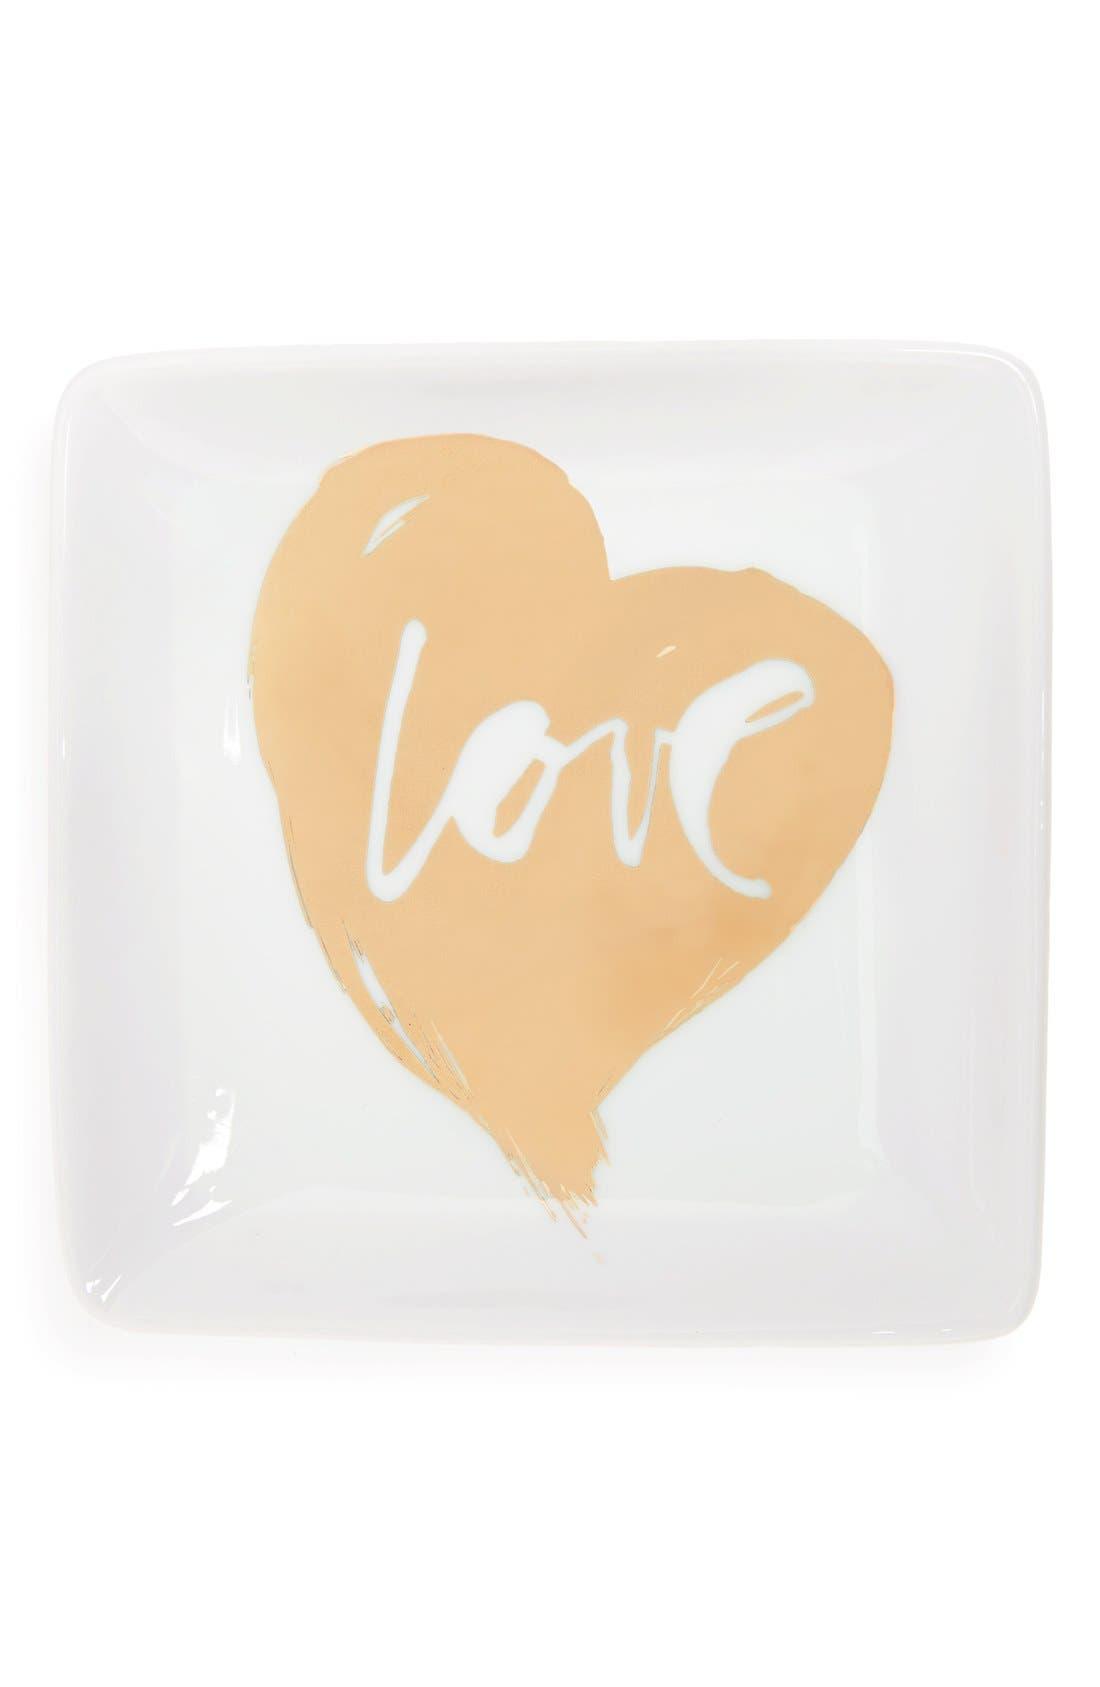 Main Image - Fringe Studio 'Love' Ceramic Trinket Tray